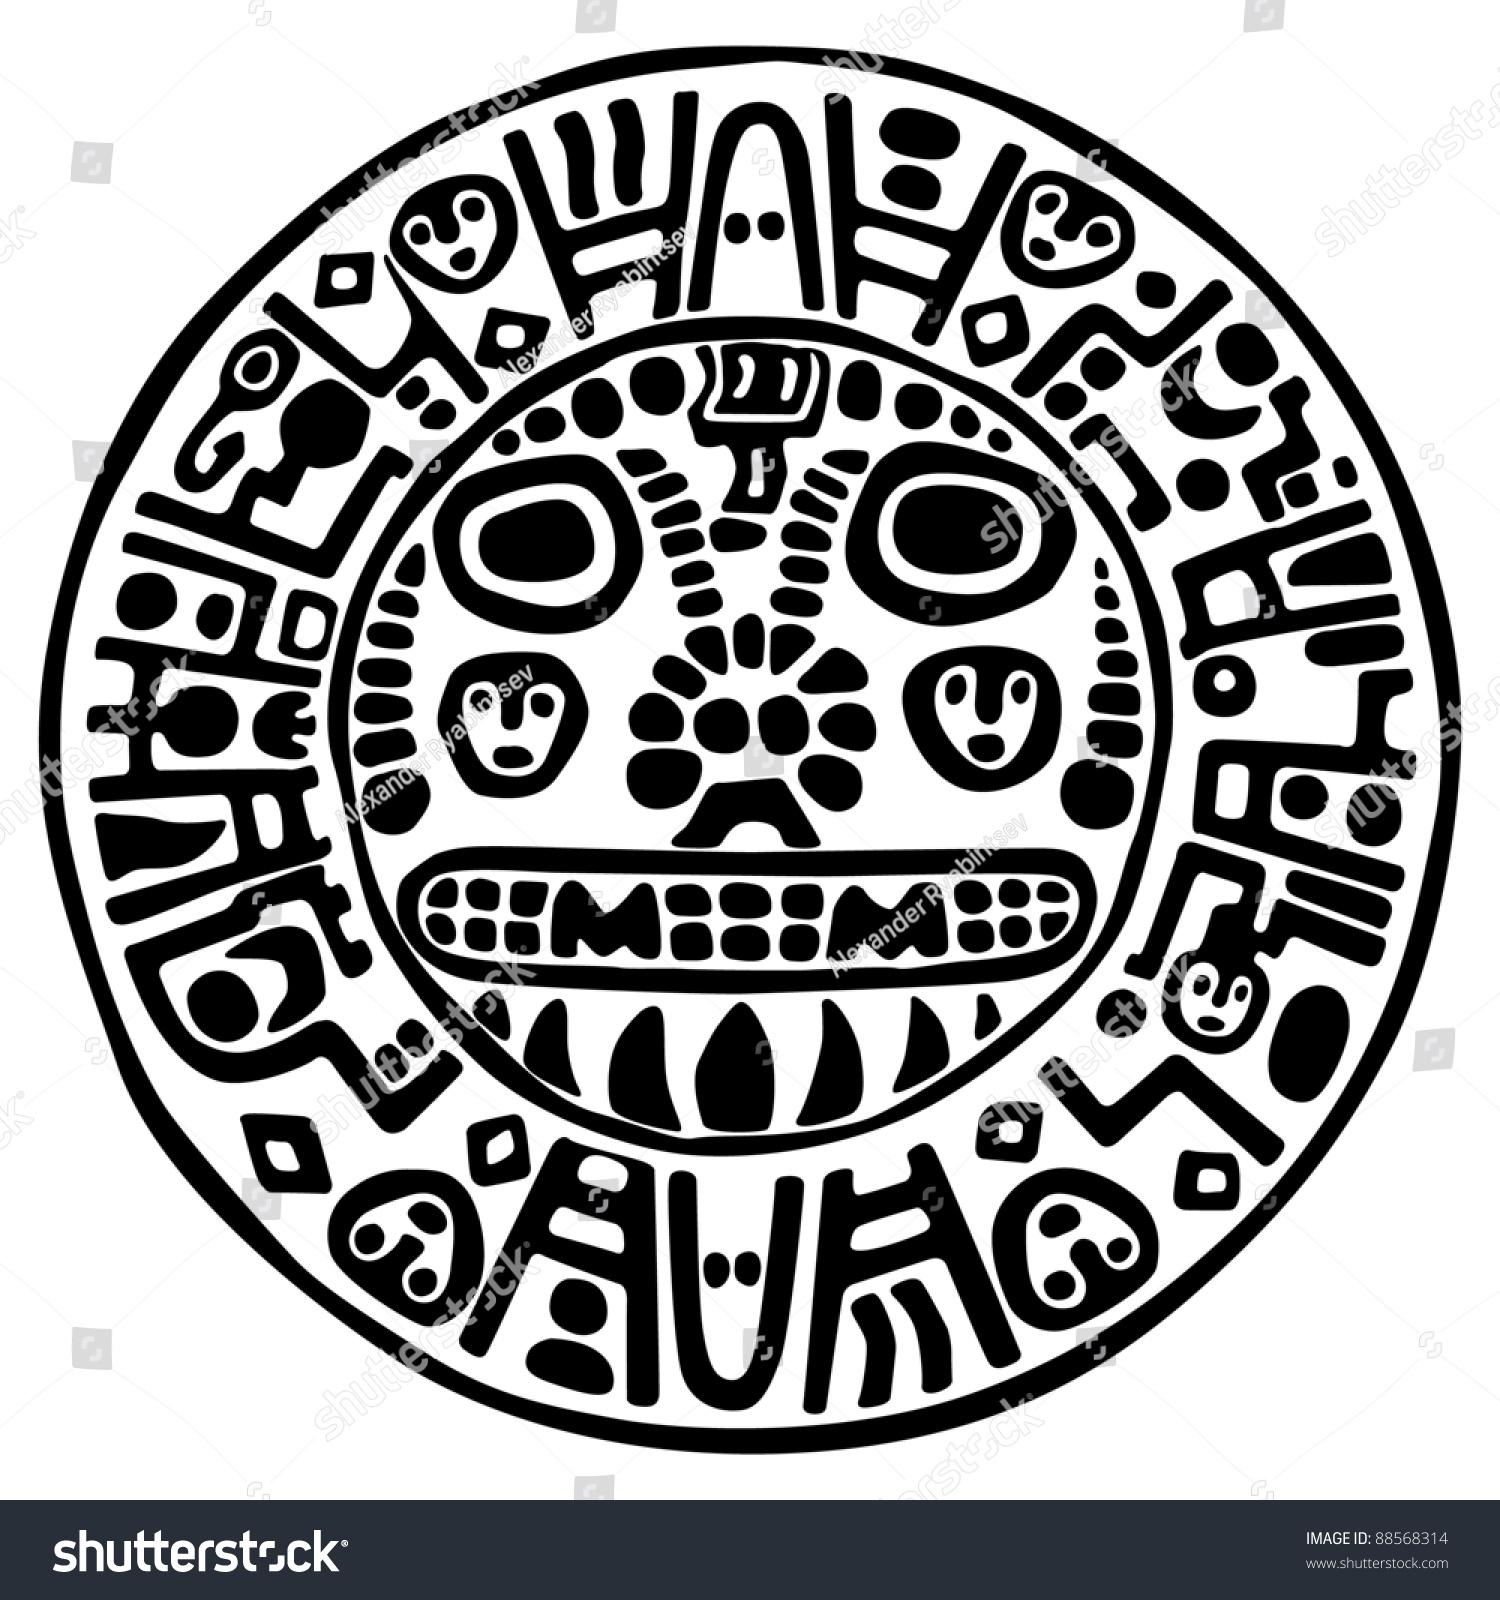 mayan symbols coloring pages - photo#16